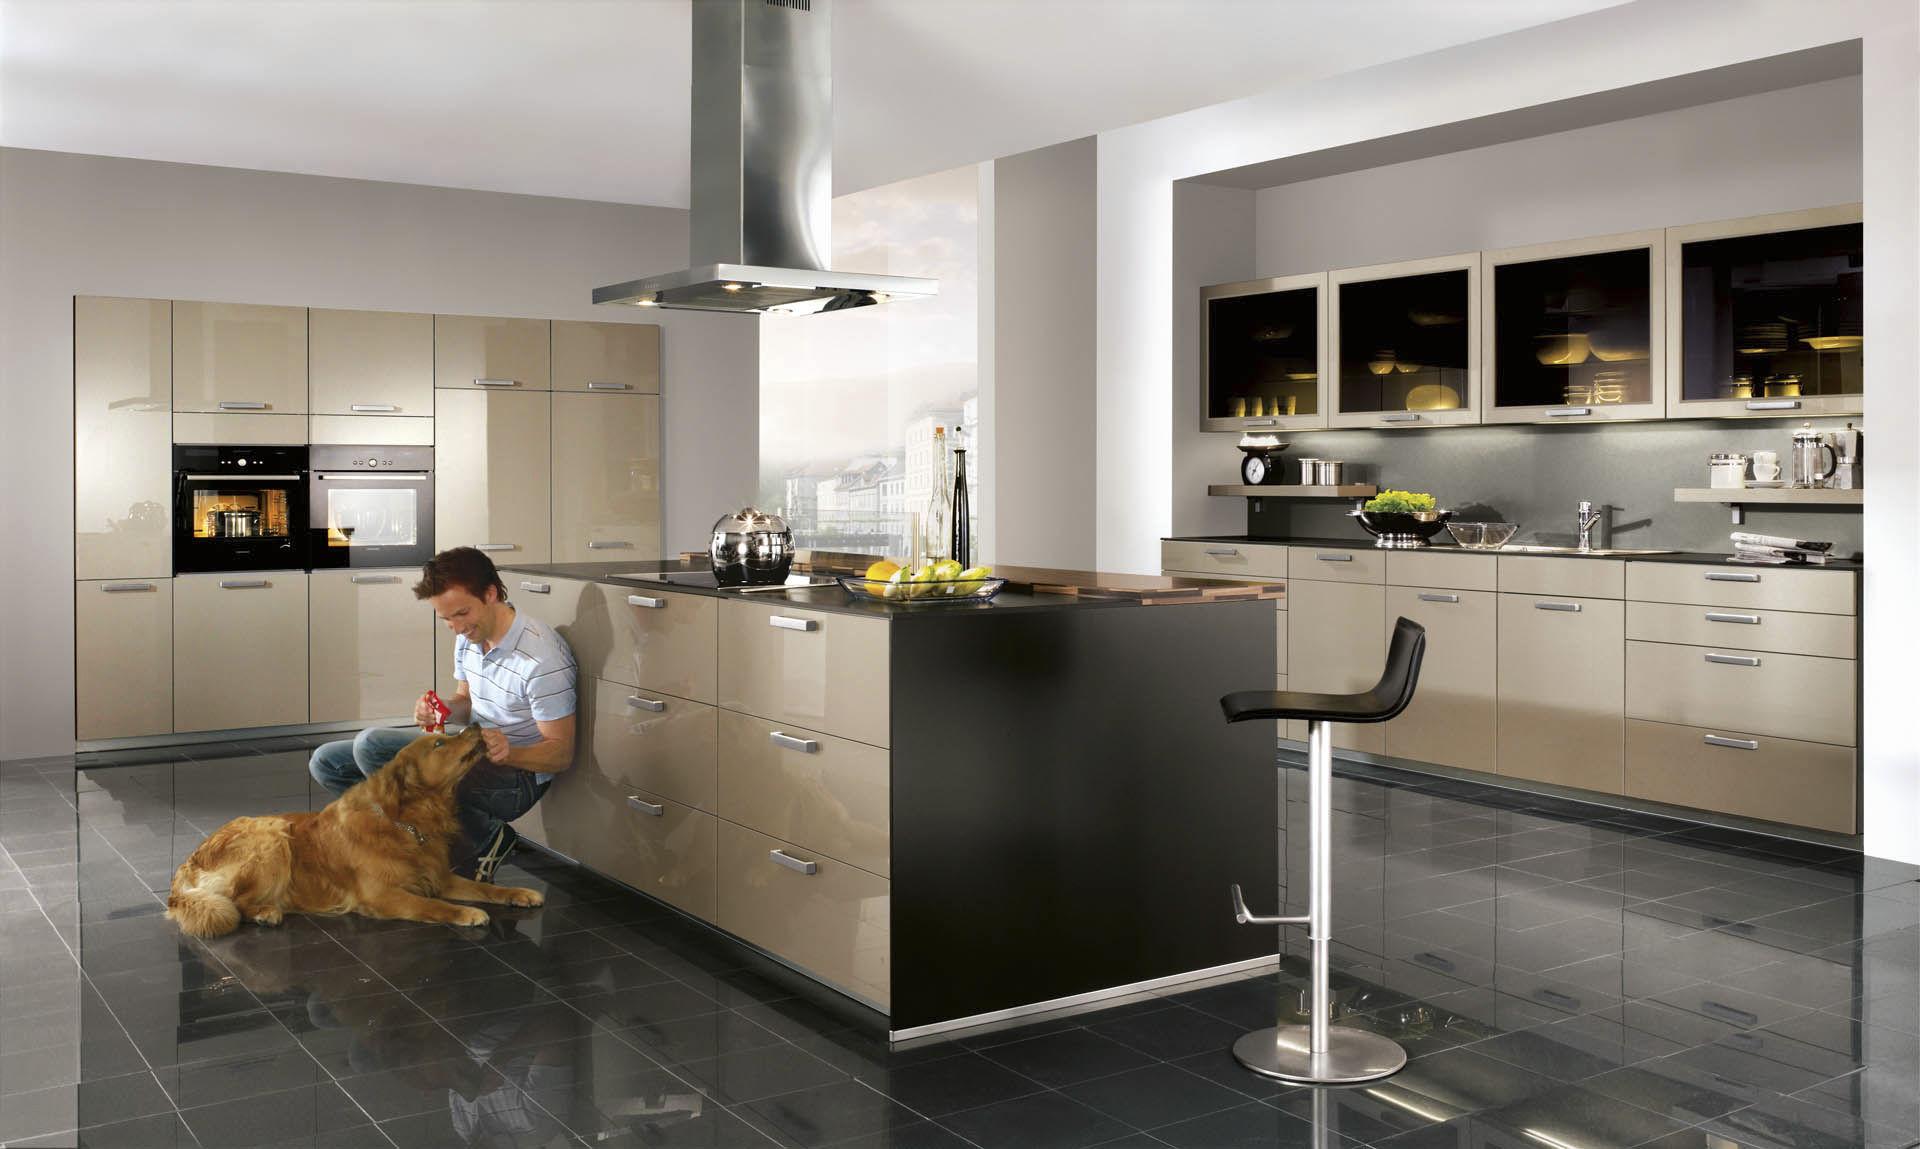 Muebles de cocina con isla central cocina con isla en for Islas de cocinas integrales